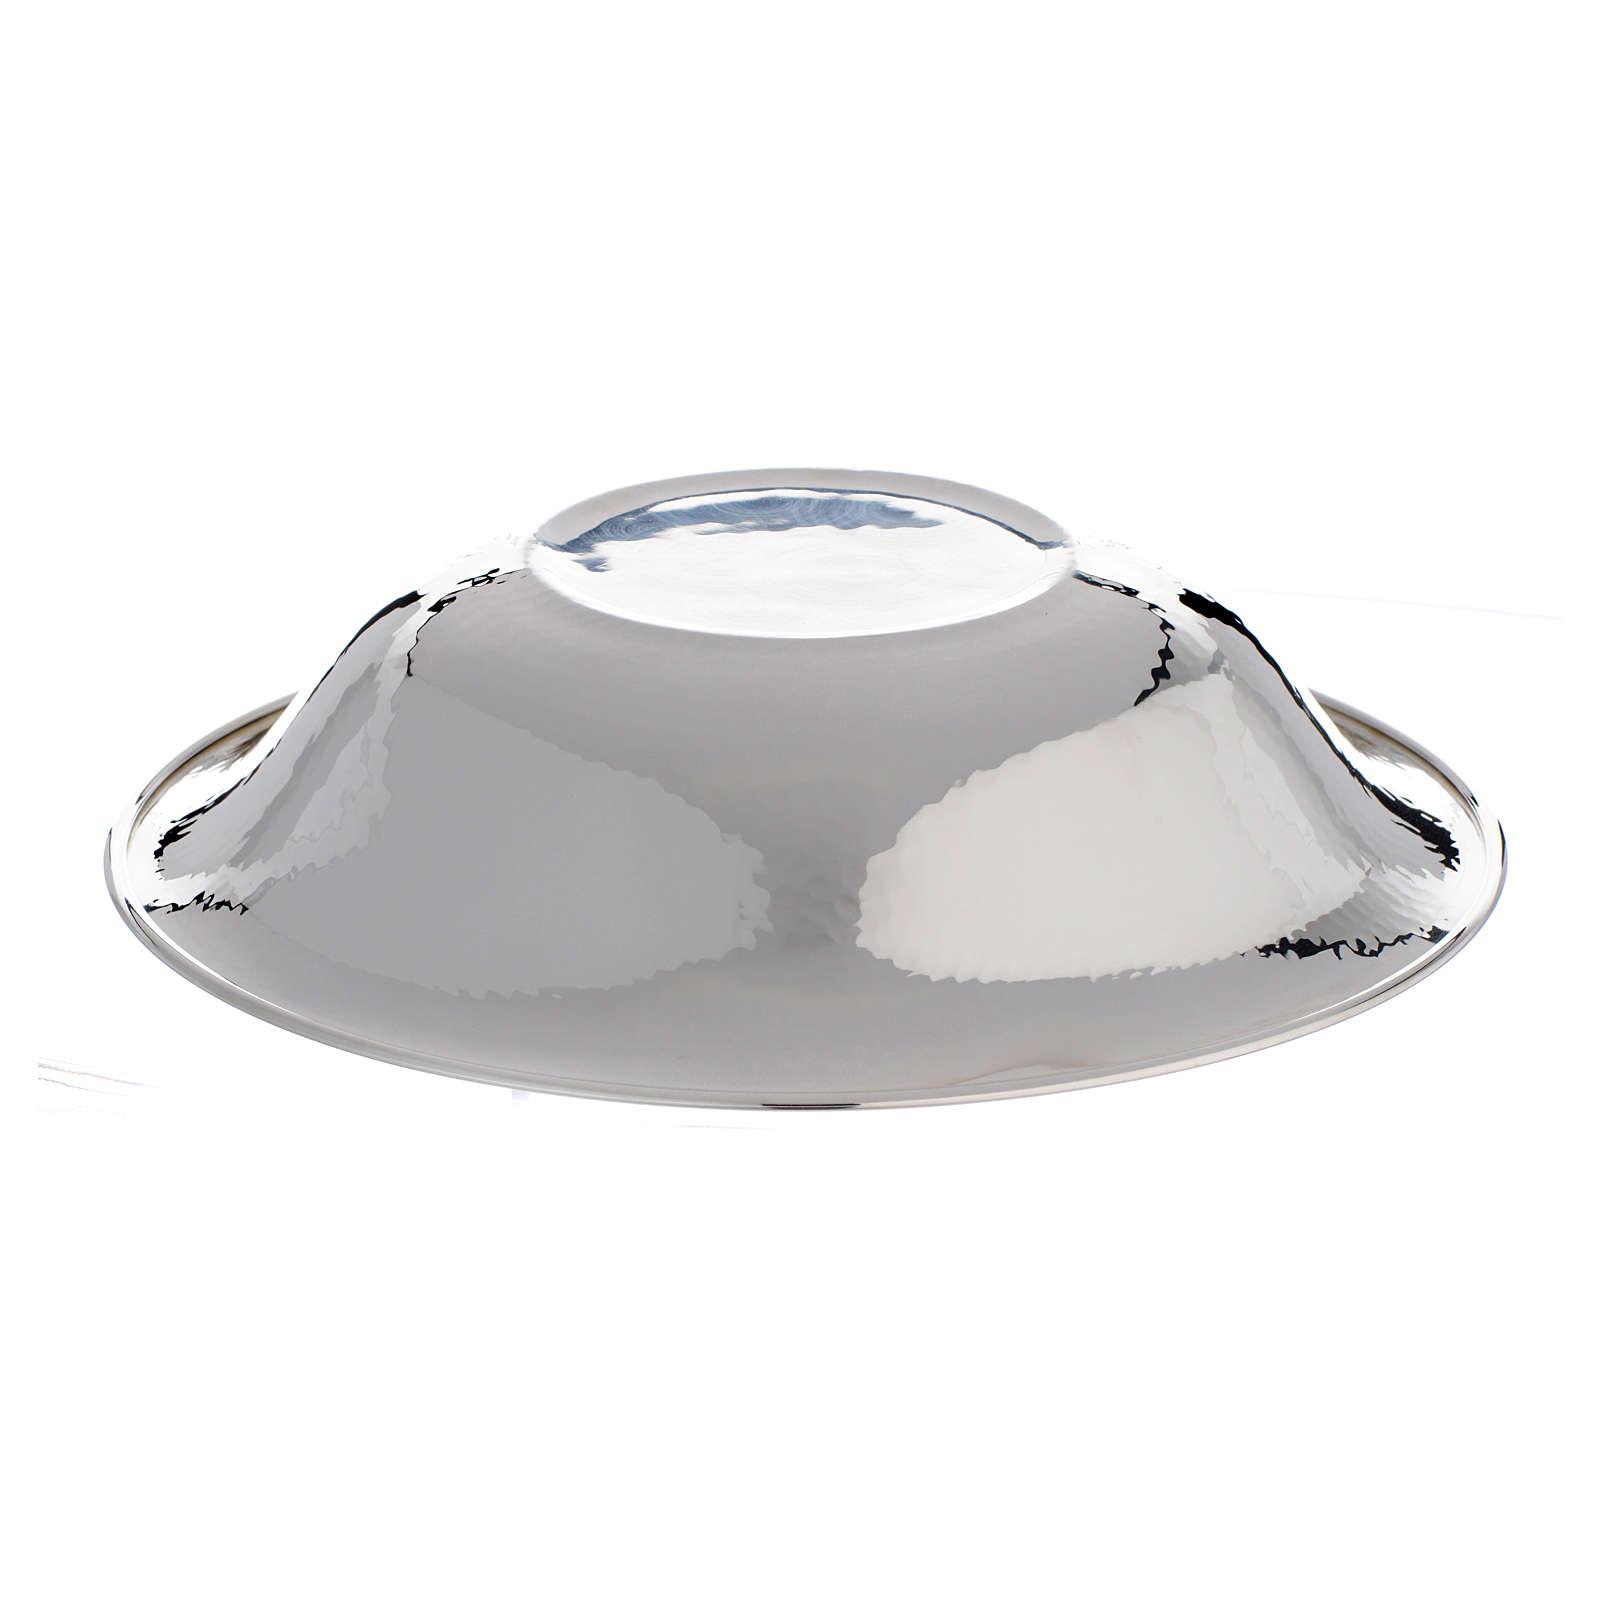 Wasserbecken für Kanne zur Händewaschung aus 800er Silber 3